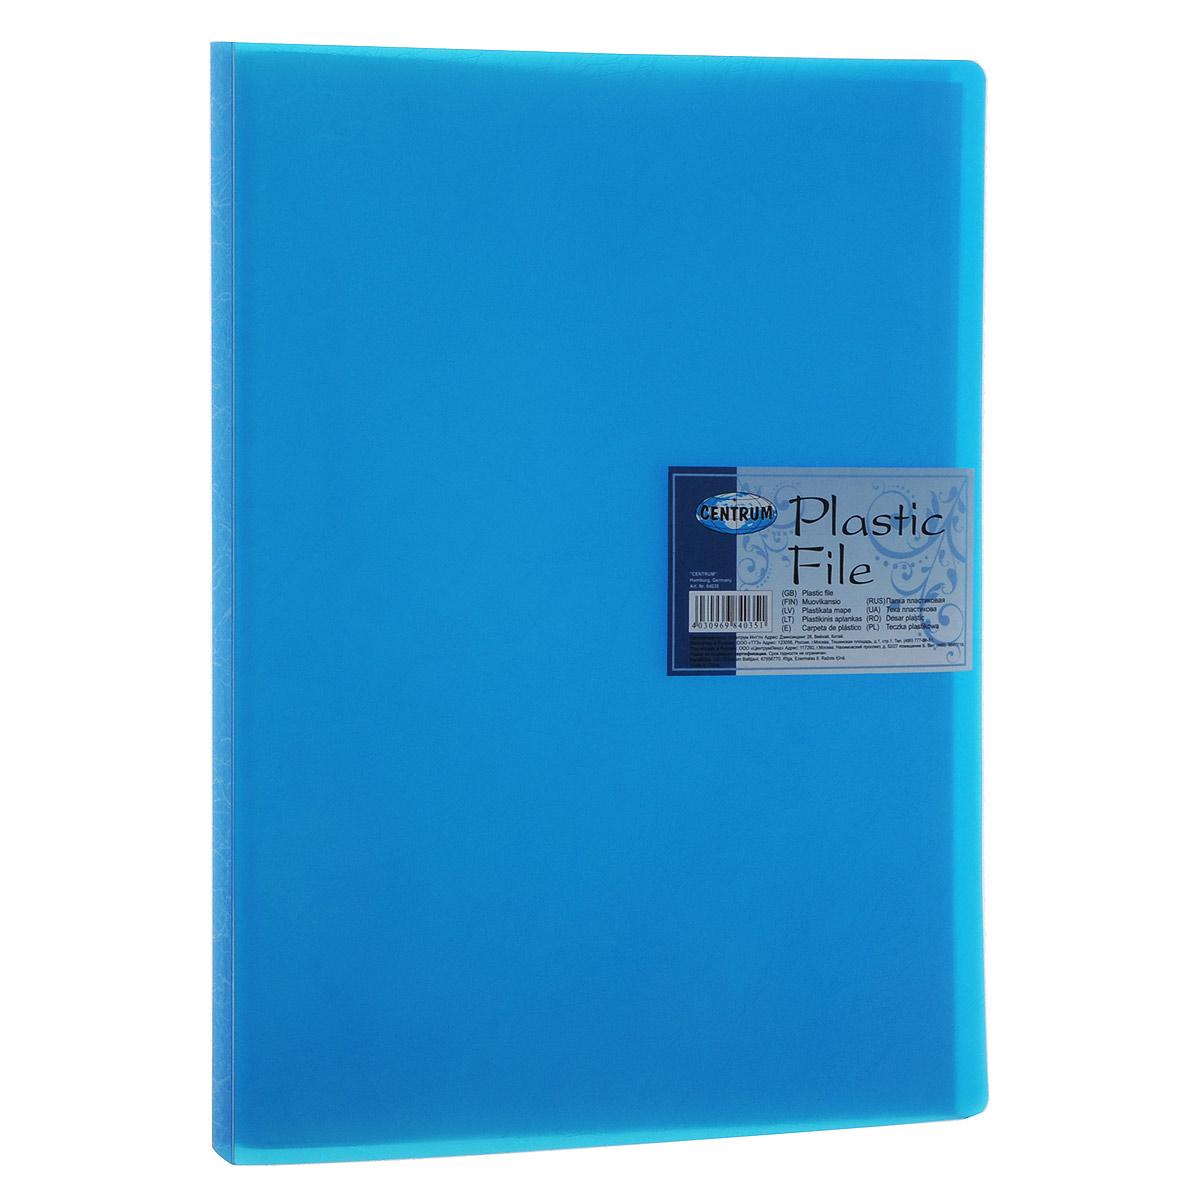 Centrum Папка с файлами Soft Touch 20 листов цвет синийM_2304Папка Centrum Soft Touch с 20 прозрачными вкладышами-файлами предназначена для хранения и презентации документов формата А4. Папка изготовлена из полупрозрачного фактурного пластика, благодаря чему документы, помещенные в нее, будут надежно защищены. Прочное соединение папки и вкладышей обеспечено за счет их лазерной сварки. Углы папки закруглены.Папка надежно сохранит ваши документы и сбережет их от повреждений, пыли и влаги.